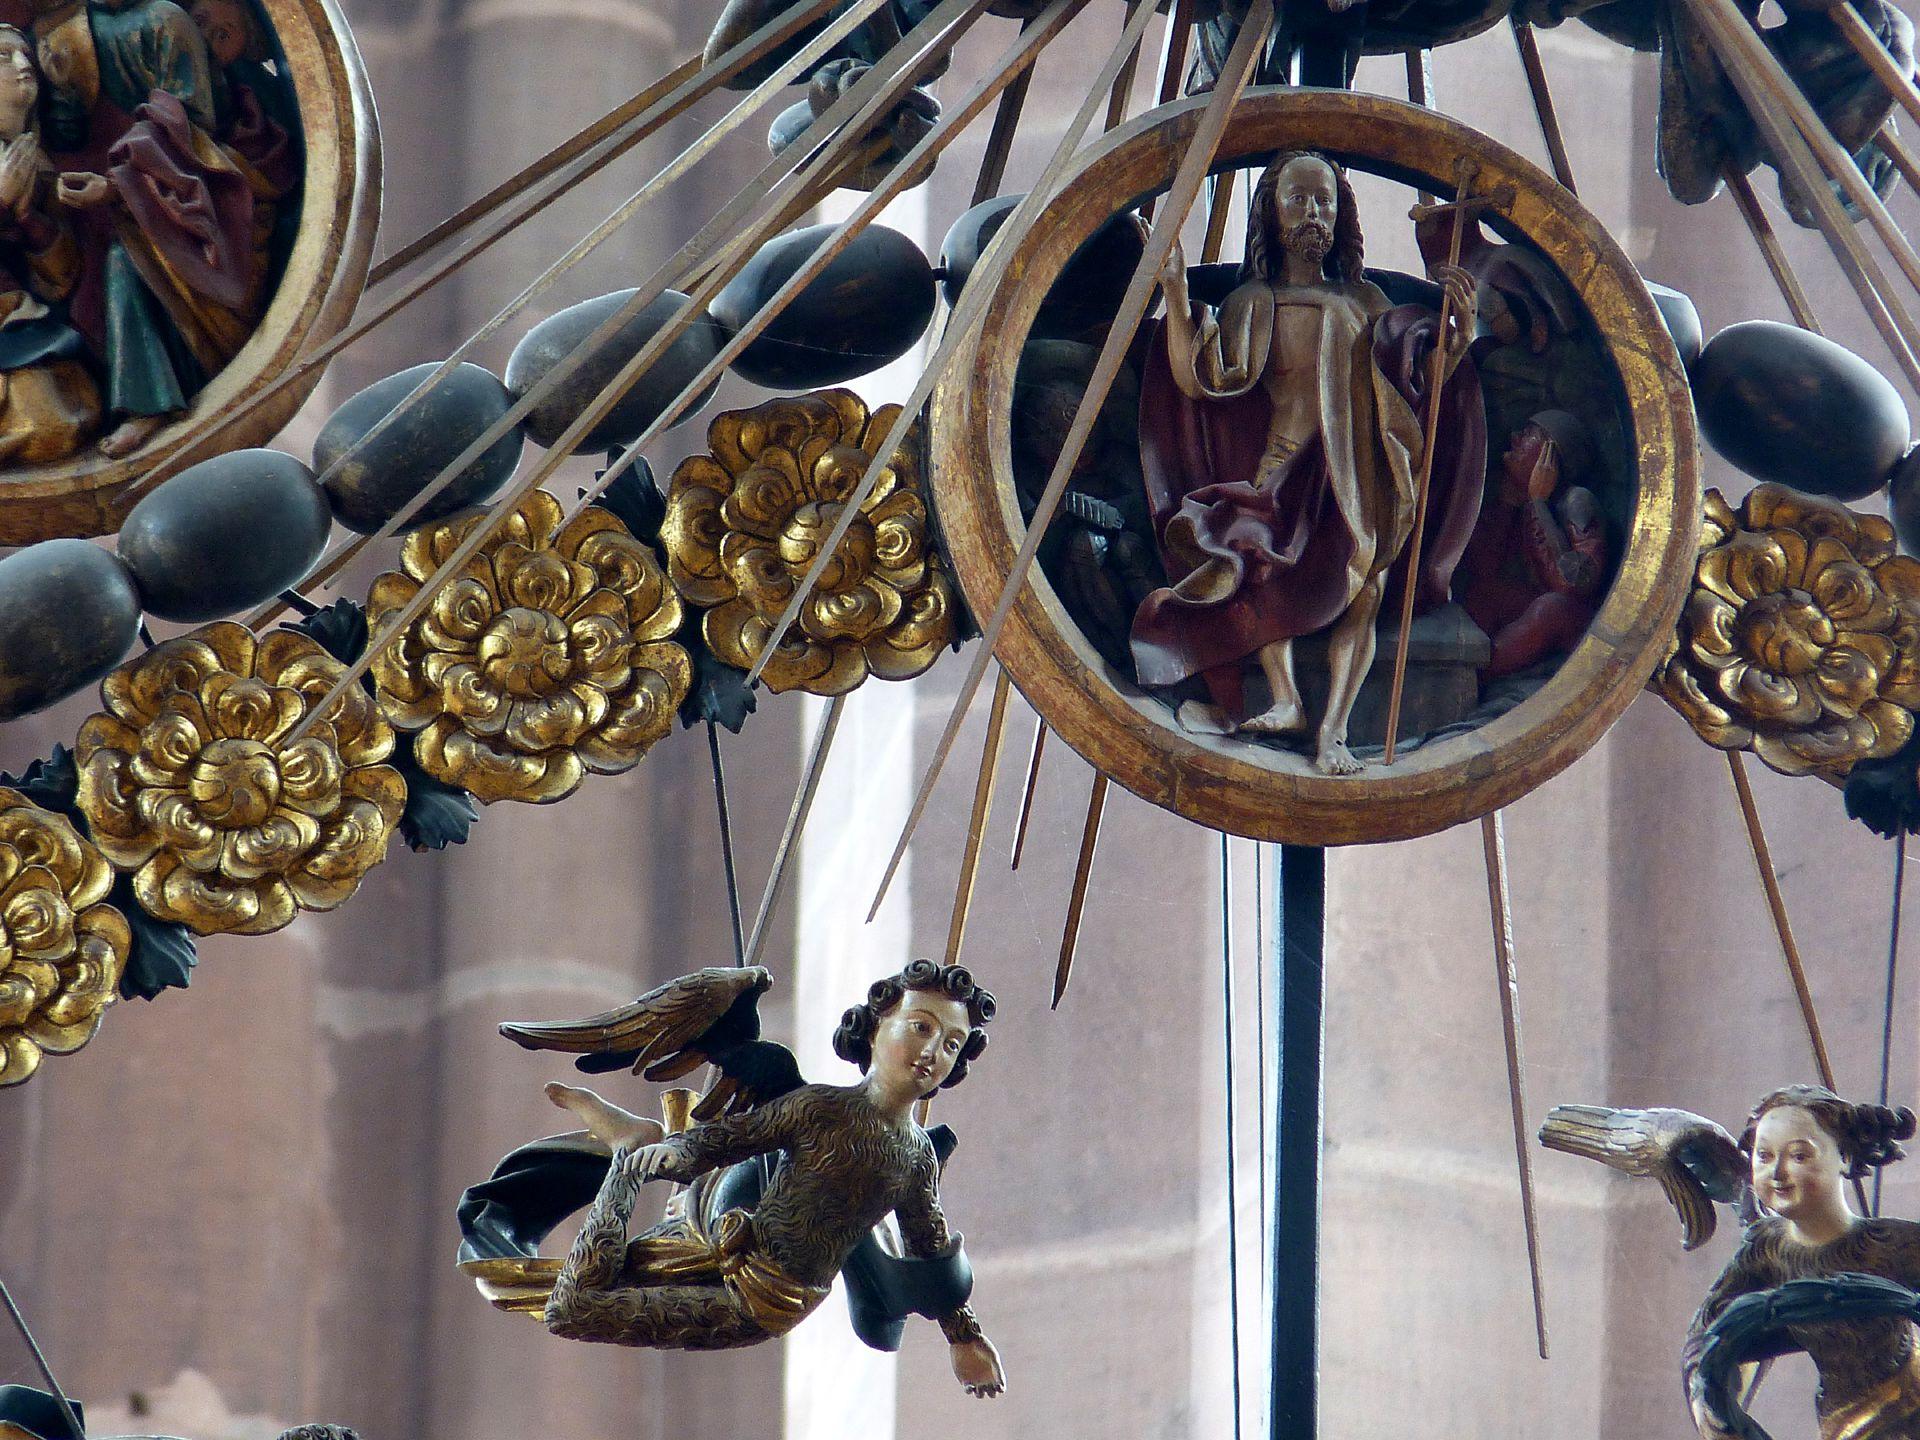 Englischer Gruß Medaillon des Rosenkranzes (Der Auferstandene) sowie schwebende Engel